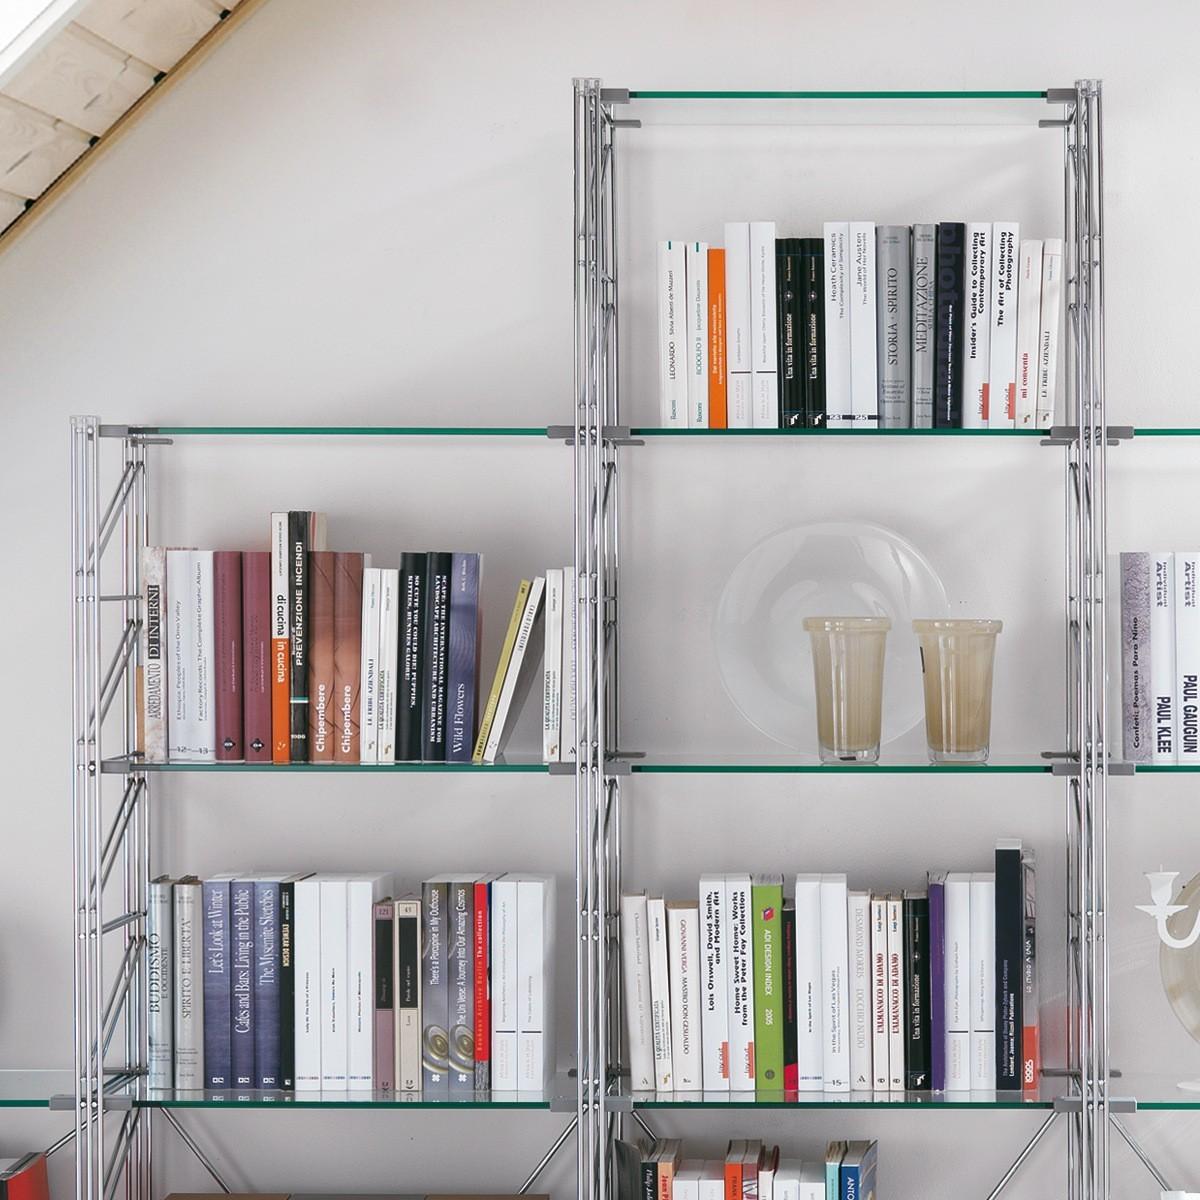 teodor libreria per mansarda in acciaio e vetro 365 x 35 x